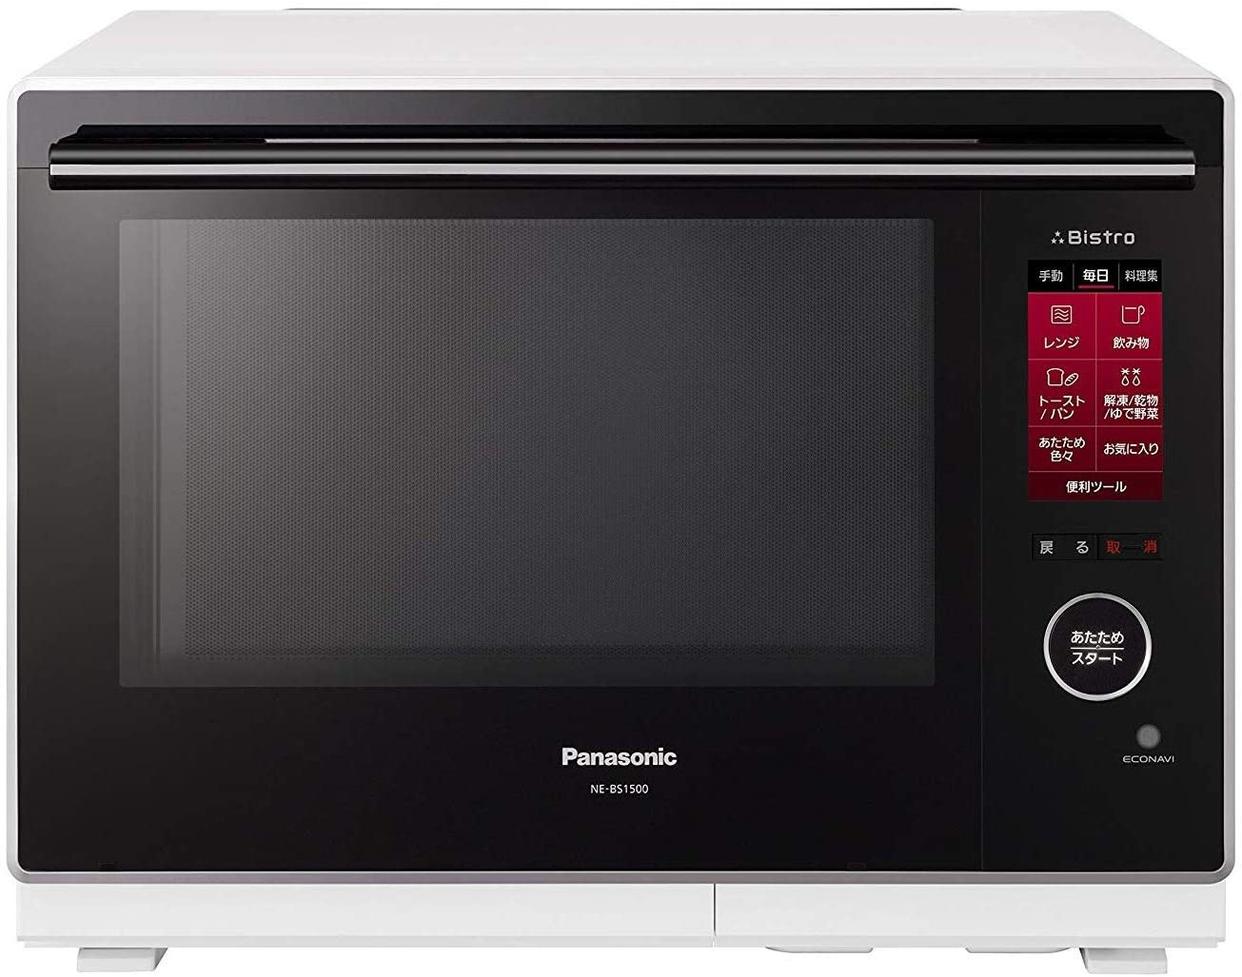 Panasonic(パナソニック) スチームオーブンレンジ ビストロ NE-BS1500